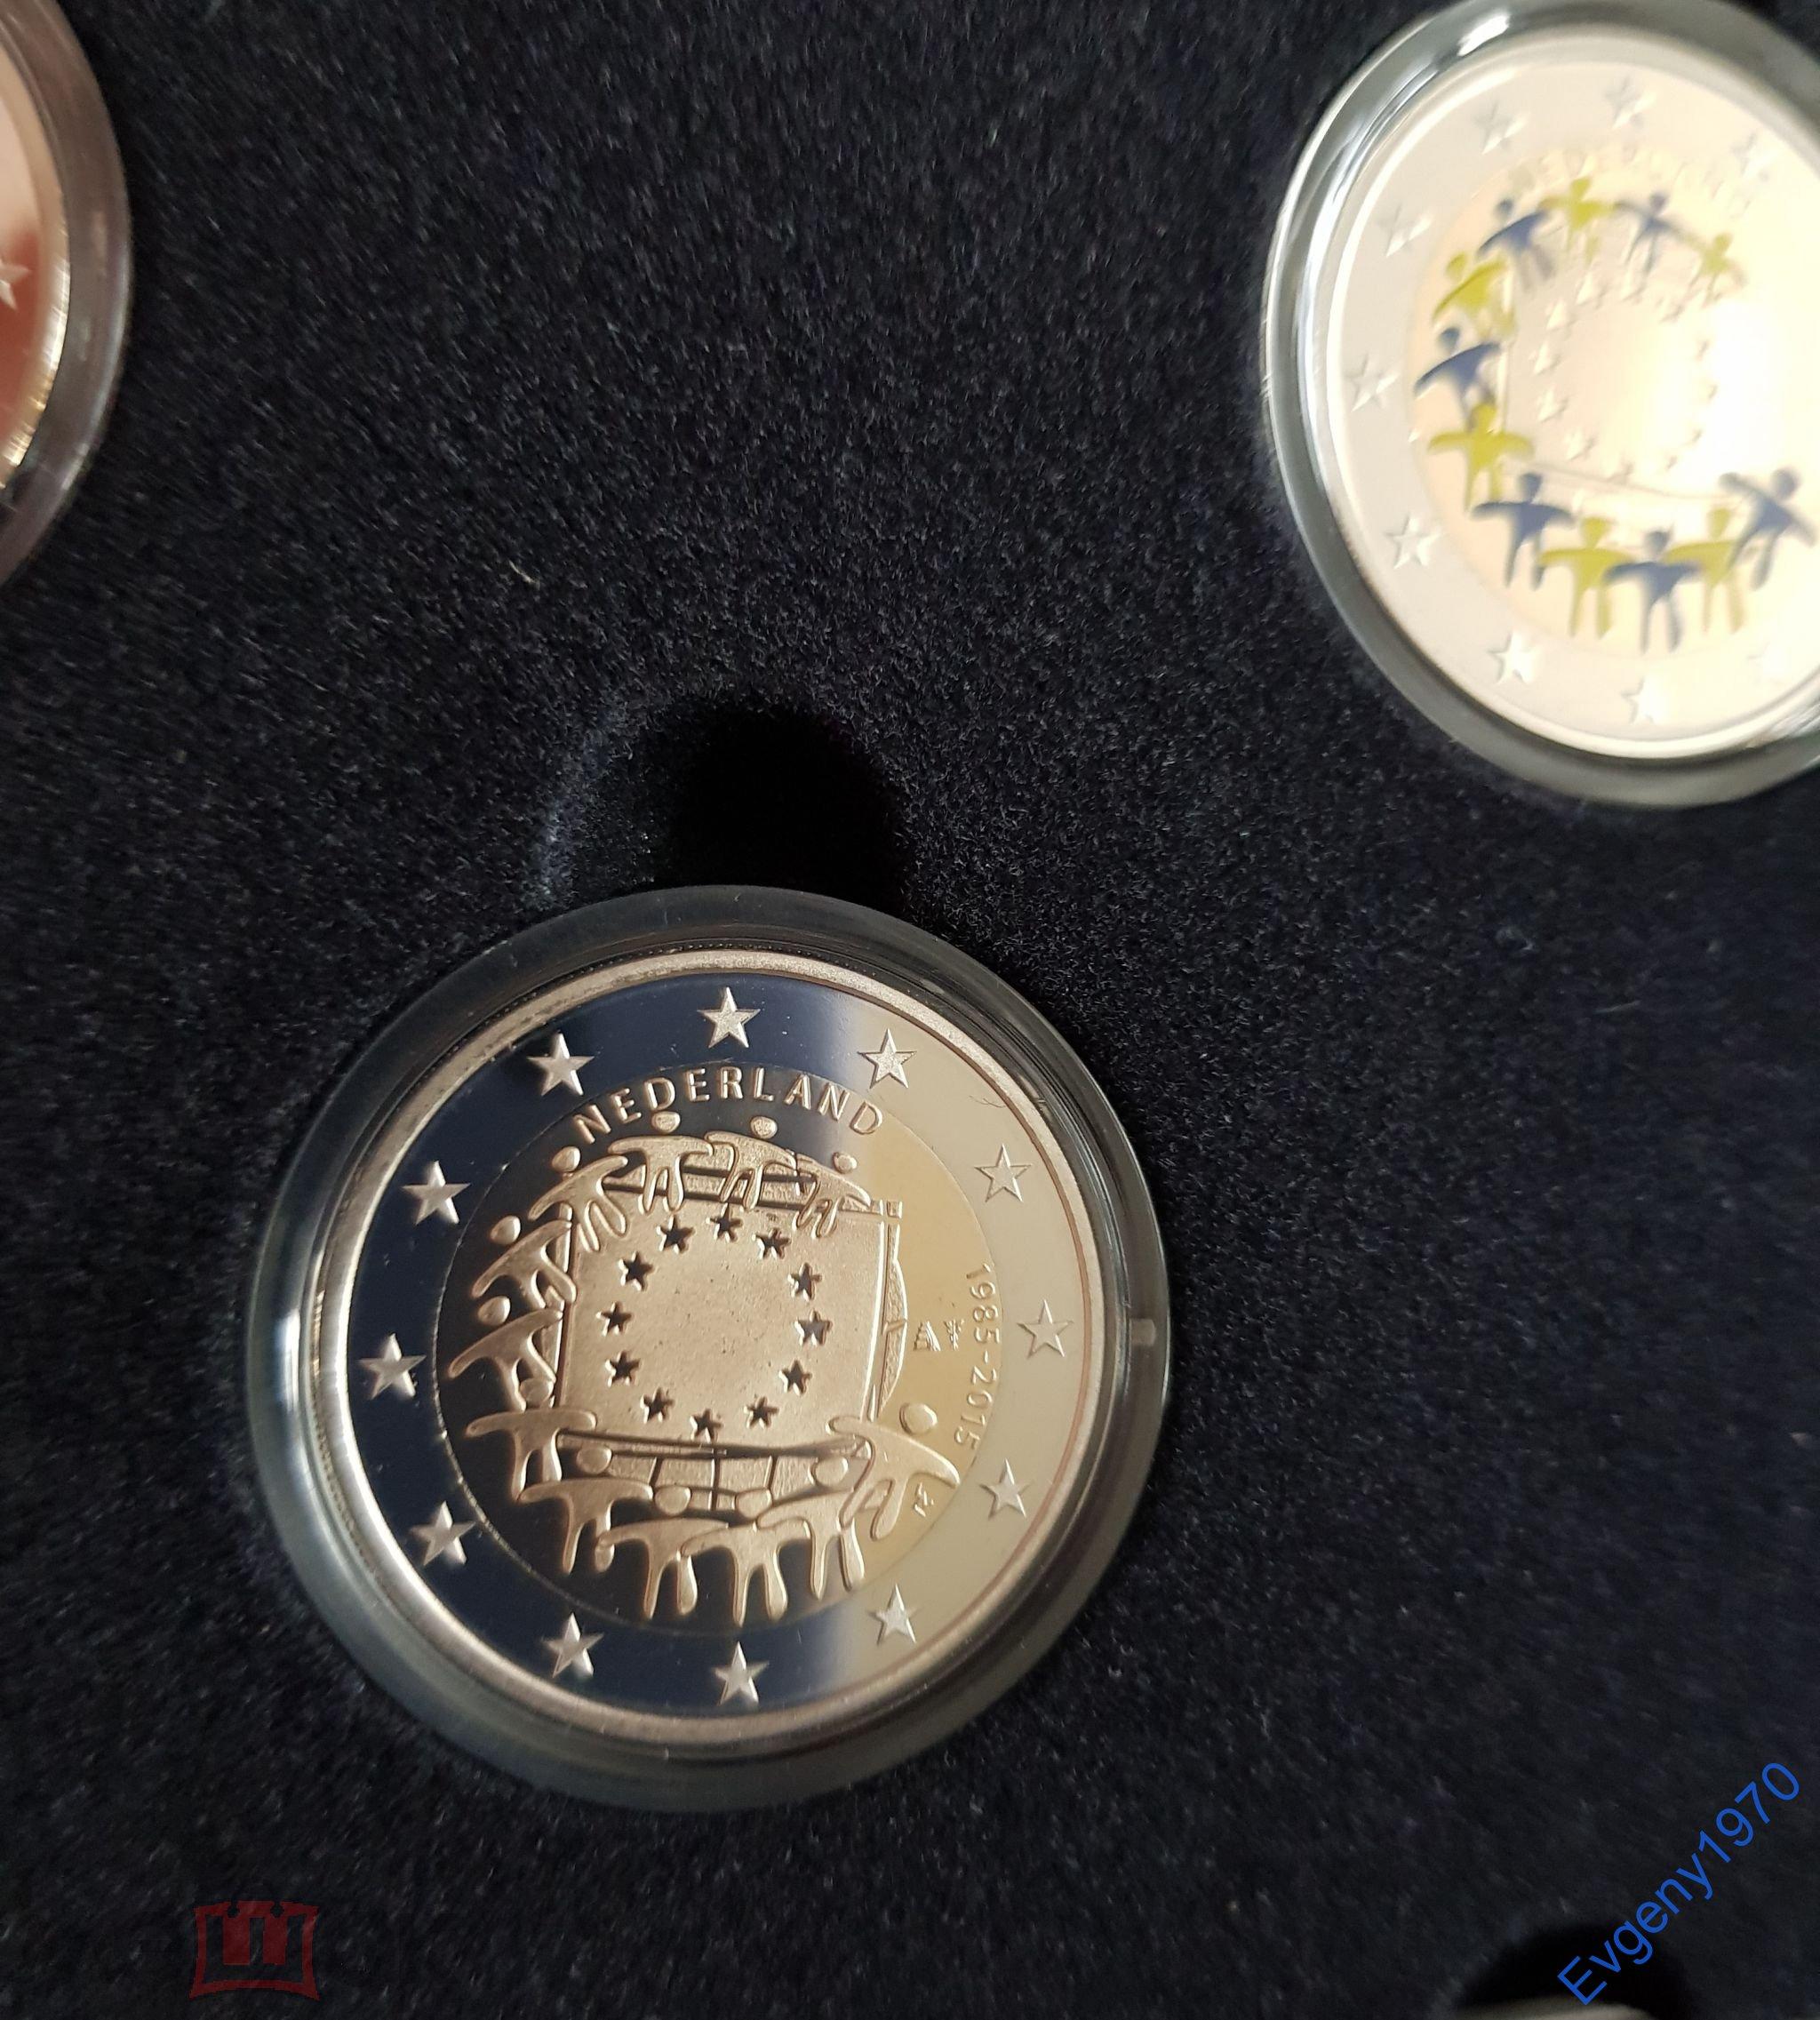 Нидерланды 4 x 2 евро монеты 2015 г 30 лет флагу. Пруф. Цветные + серебряные слитки. Тираж 1000шт.